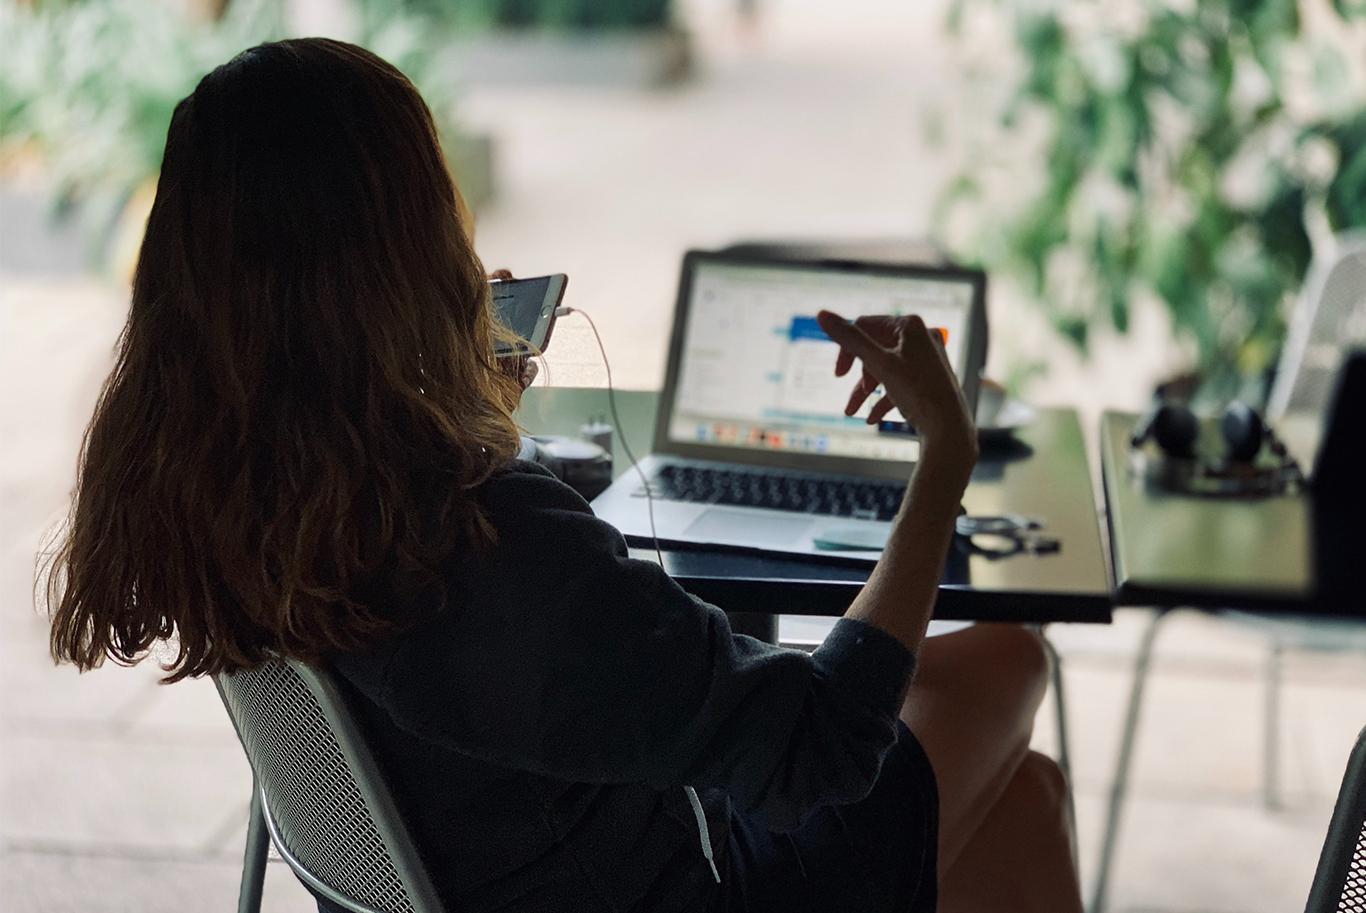 Kvinna sitter framför en laptop och pratar i sin mobiltelefon